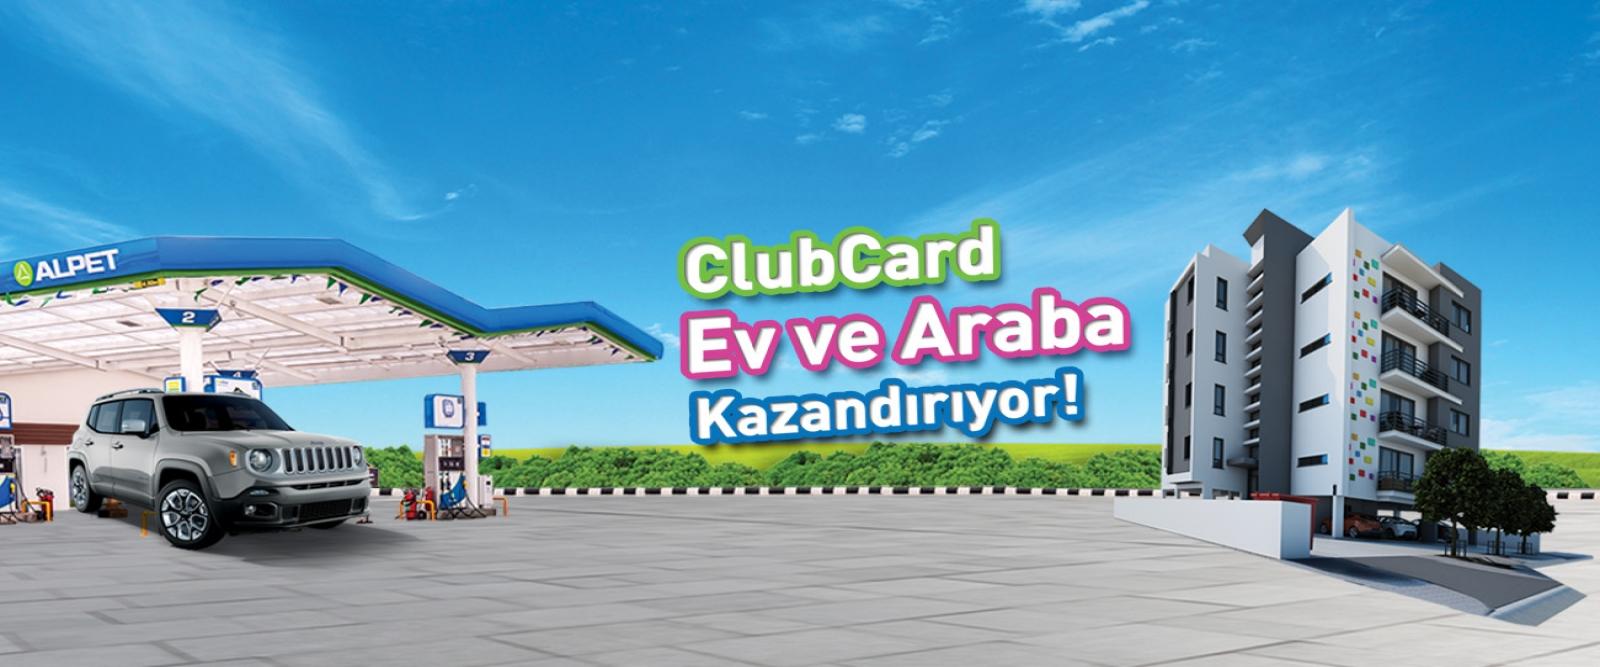 CLUBCARD EV VE ARABA KAZANDIRIYOR!